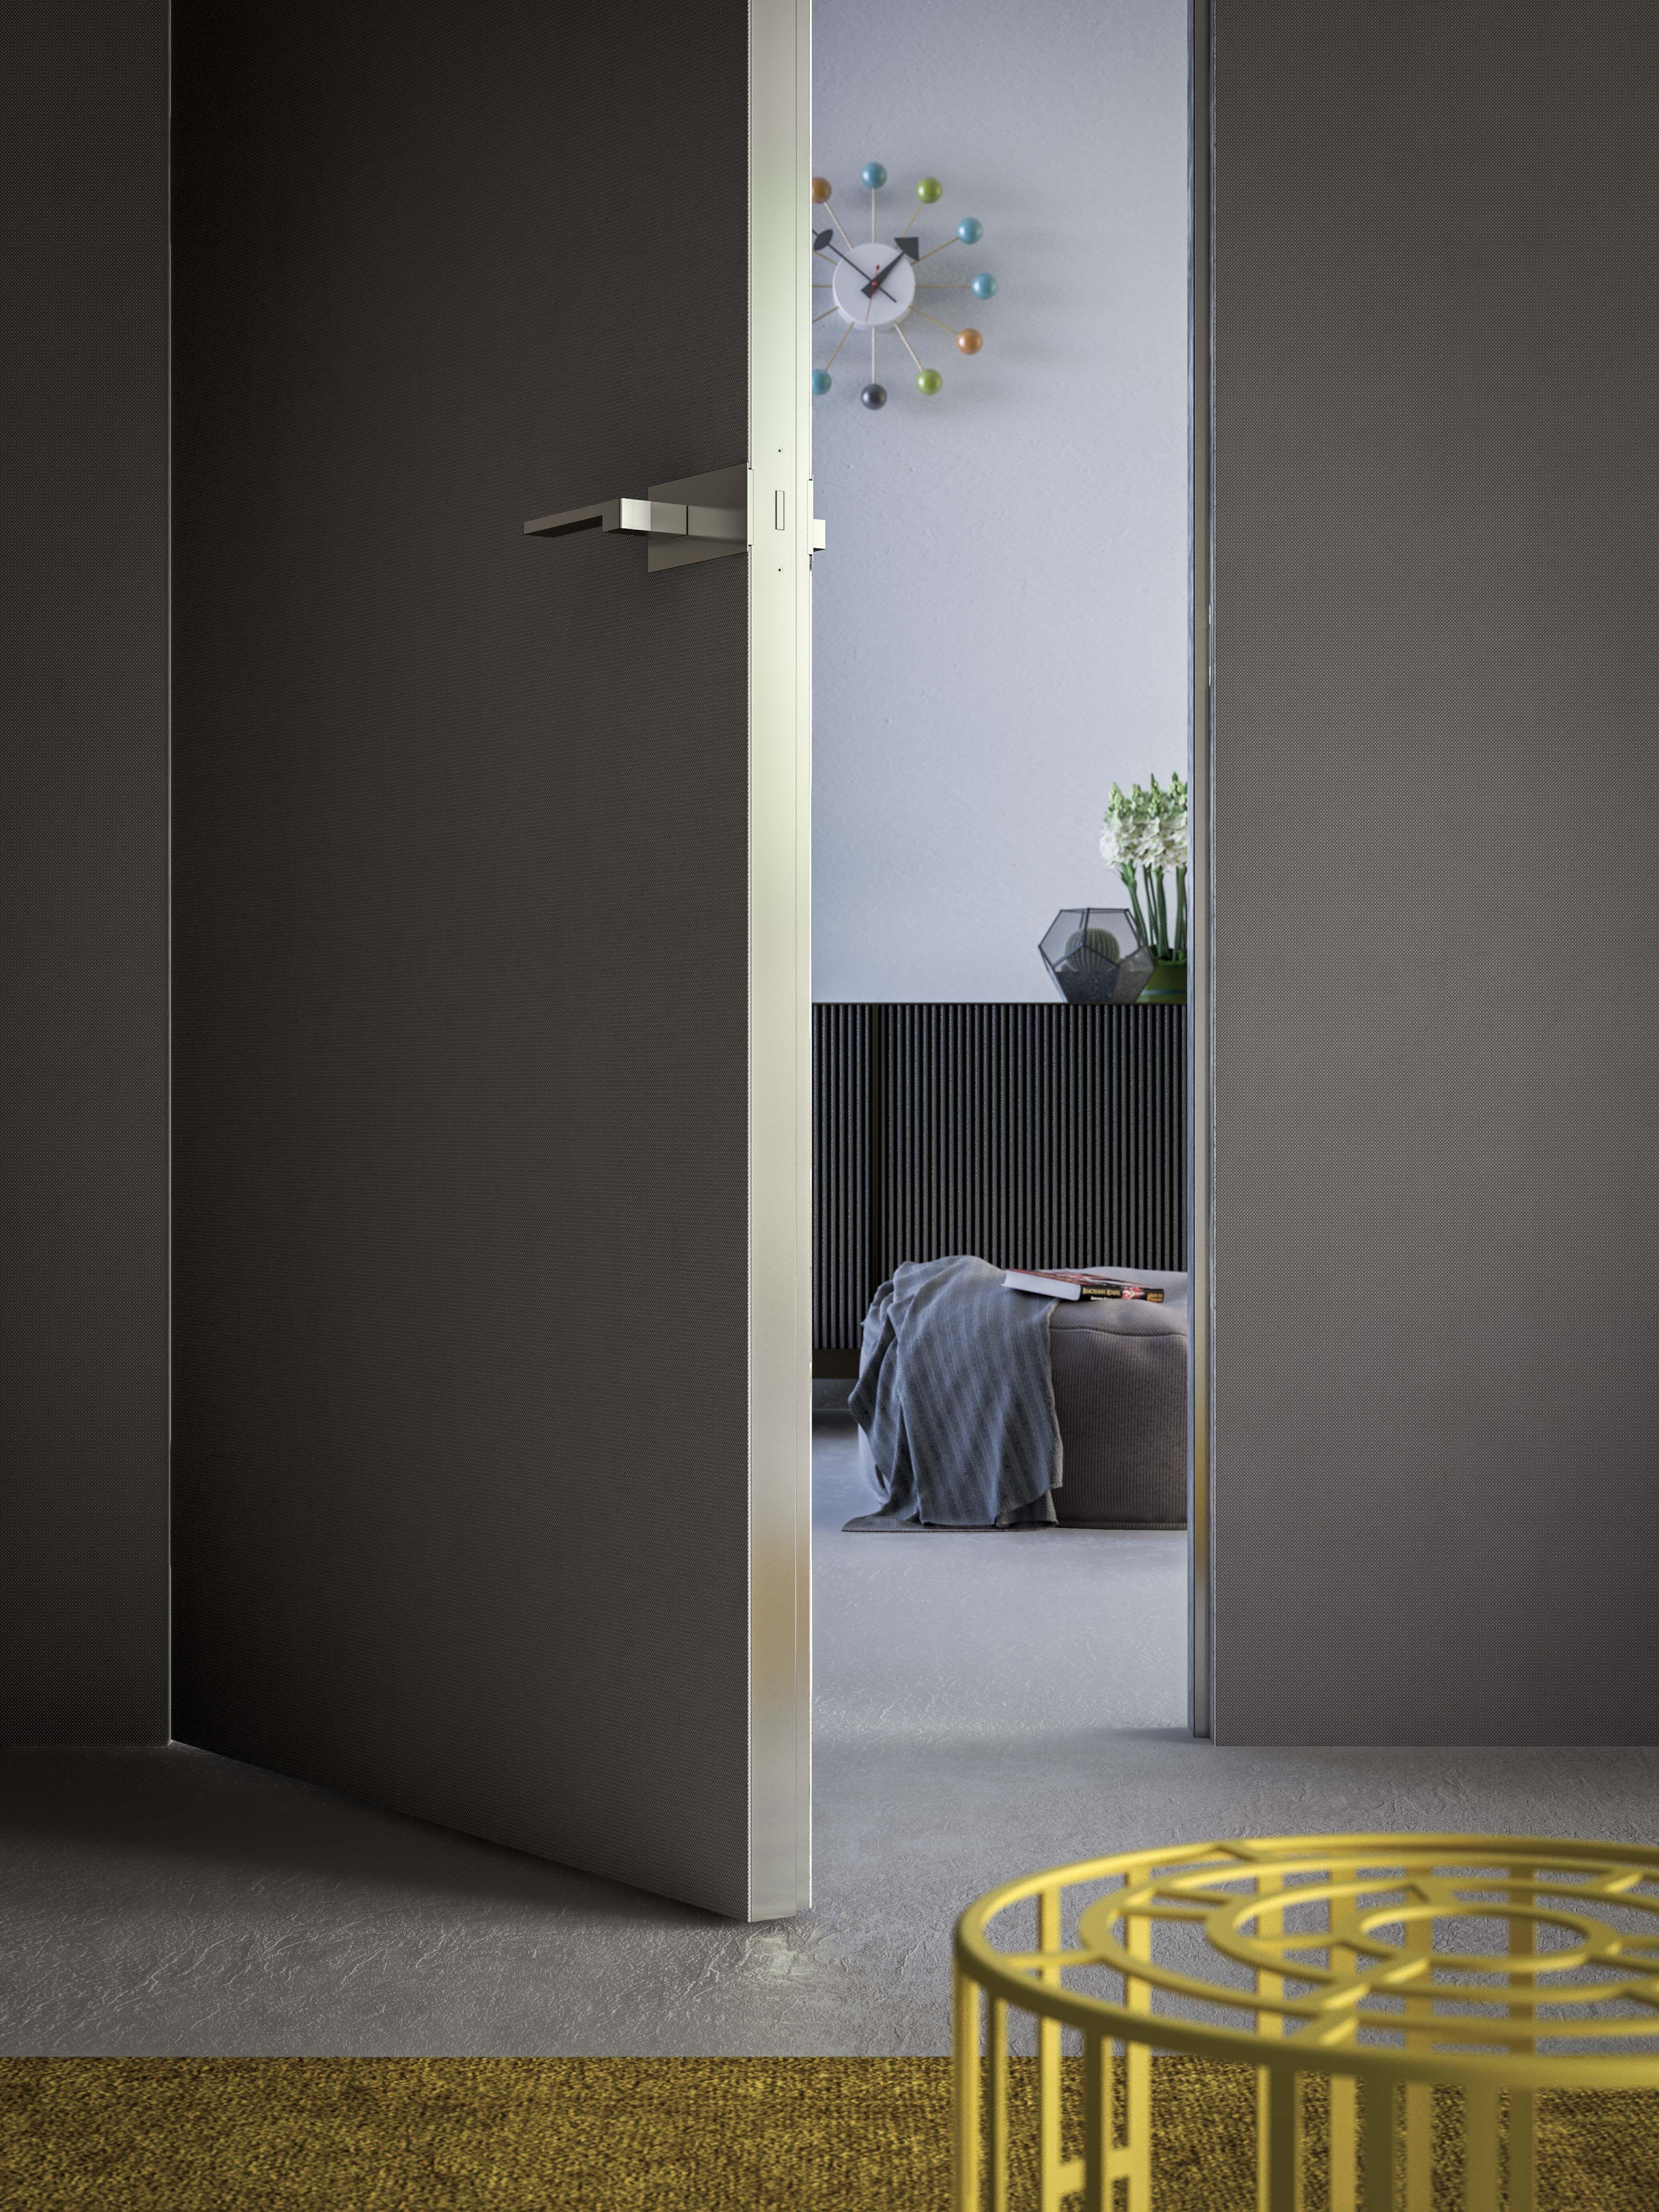 Porte Filo Muro Specchio filomuro door laminam edition (with images) | doors interior